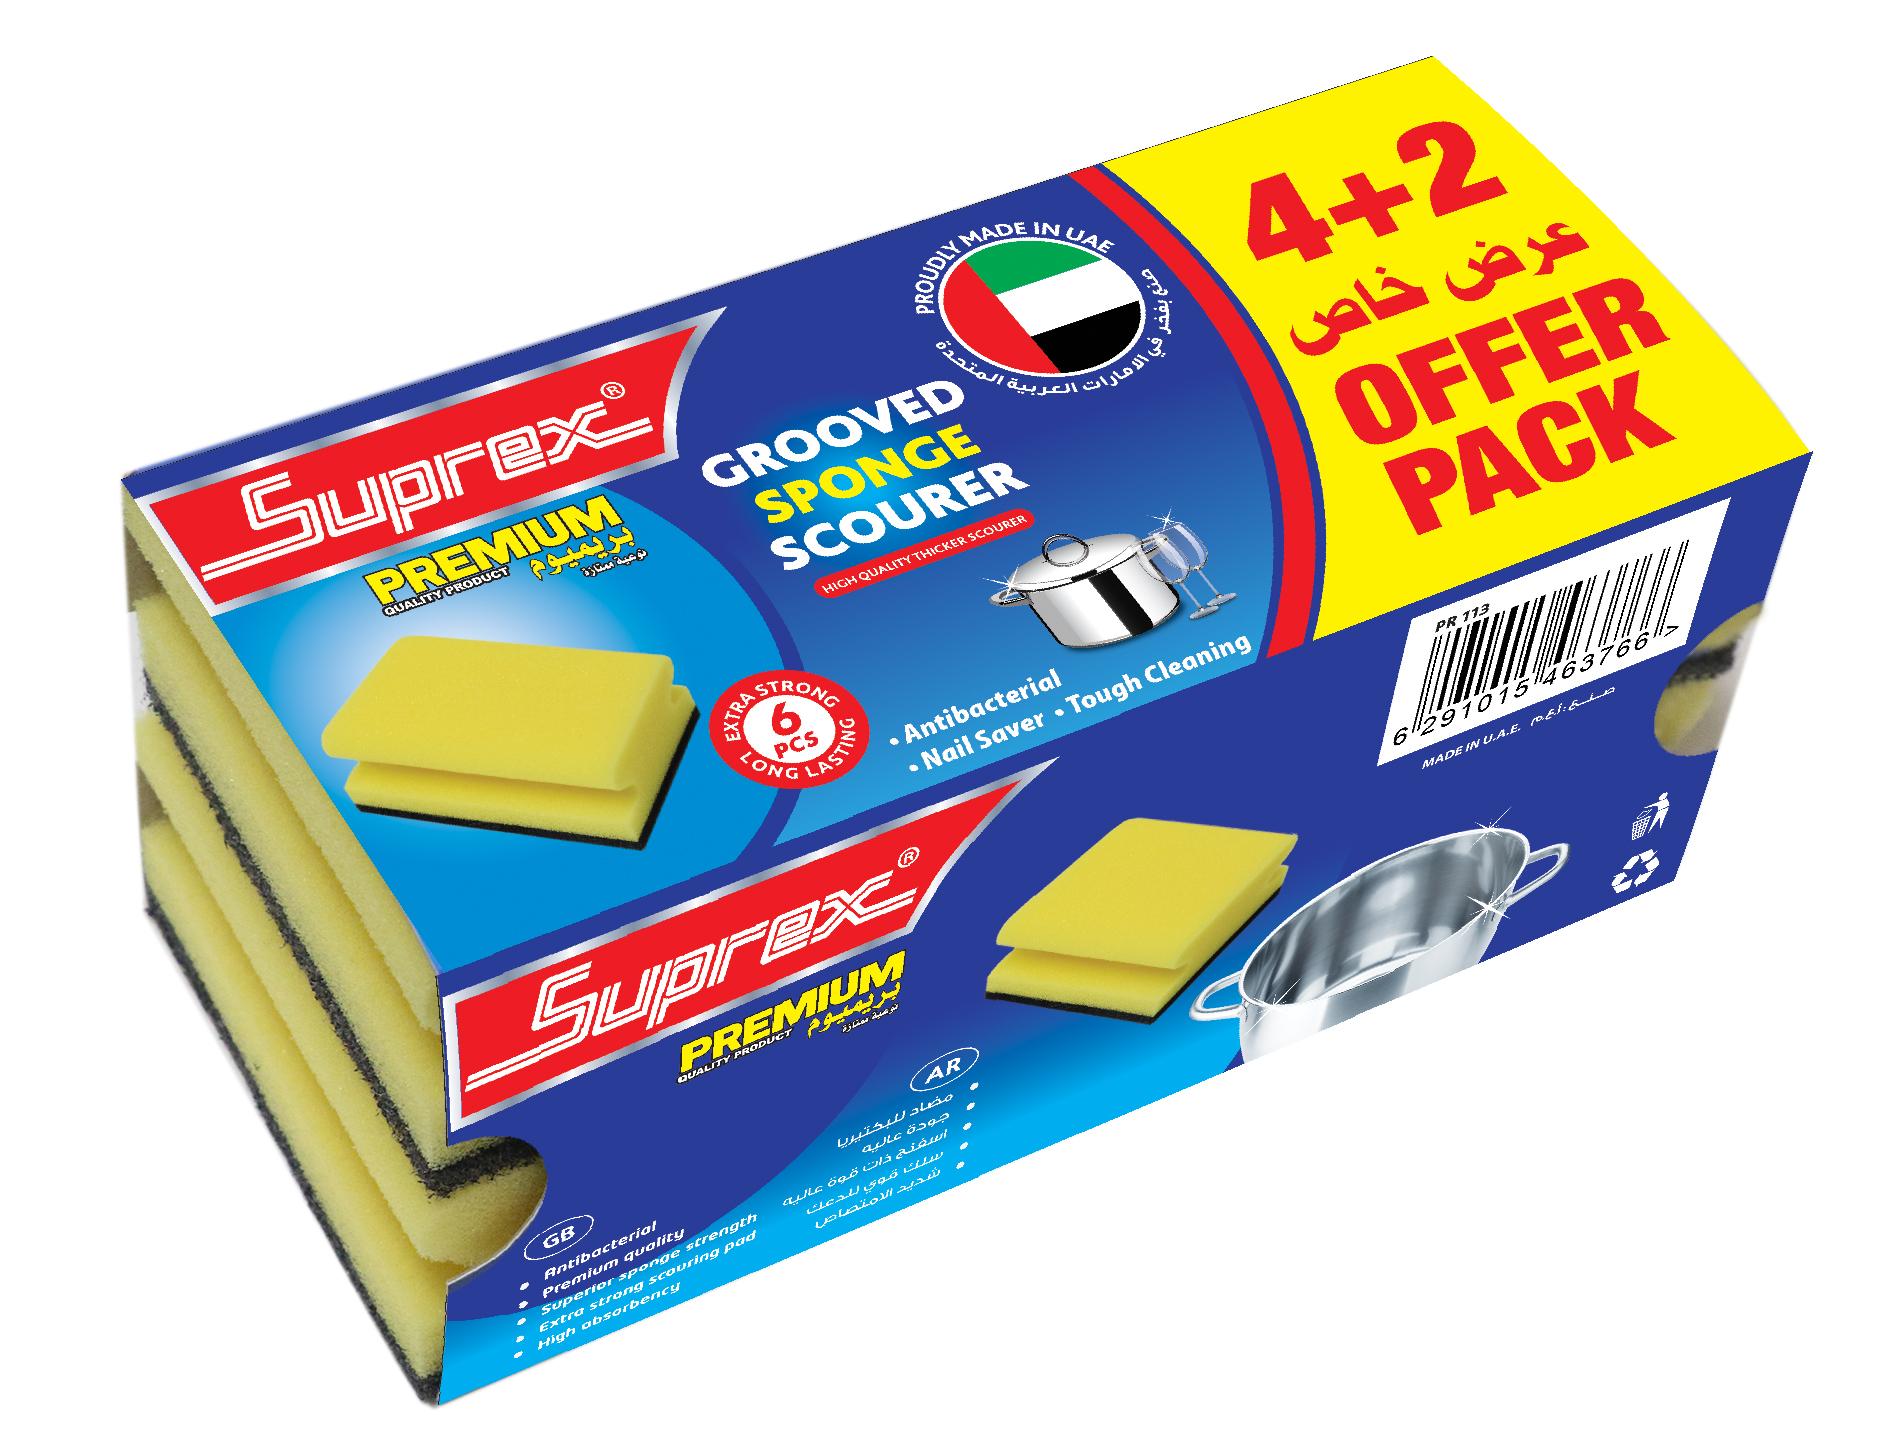 Grooved Sponge Scourer -  4+2 Offer Pack